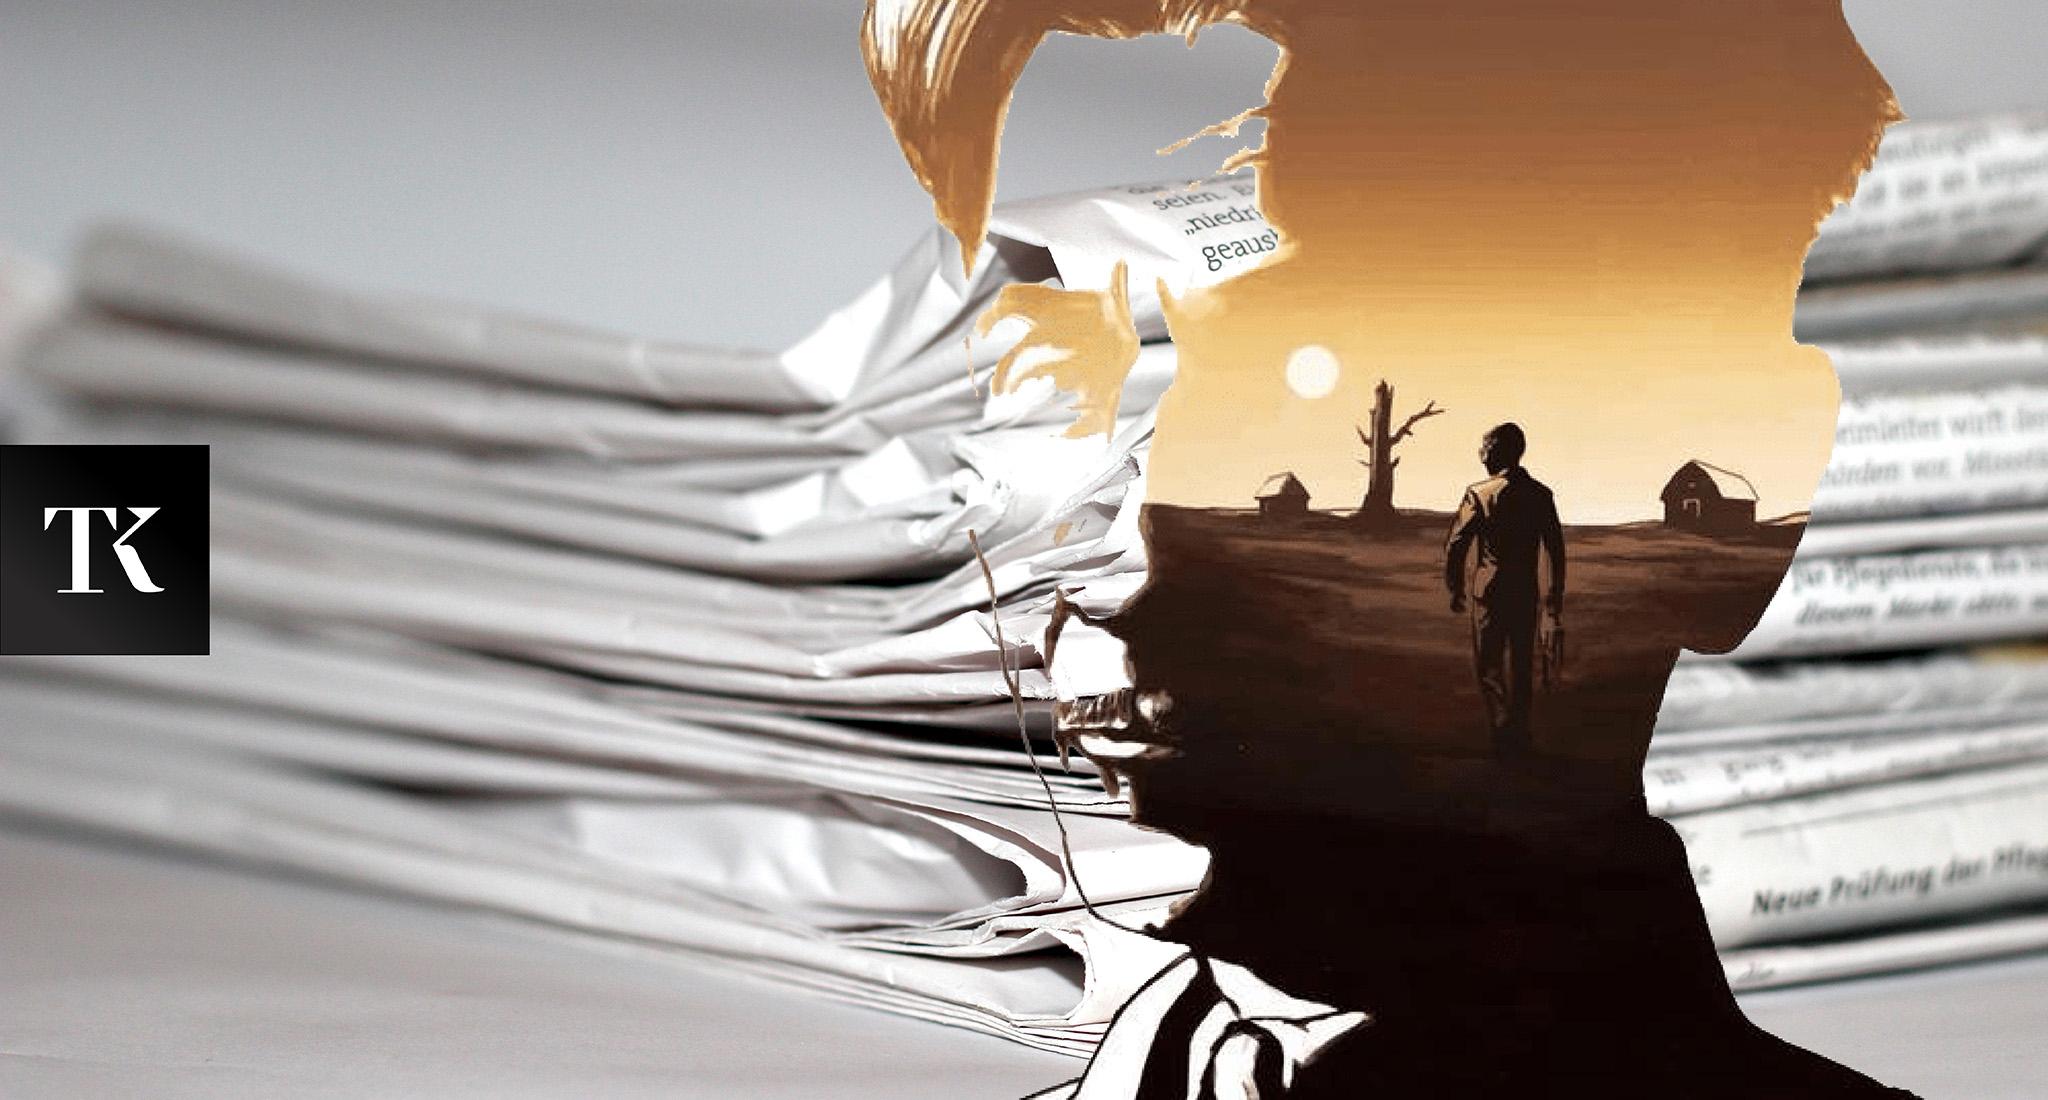 📃 Журналист в сердце тьмы: что пишут критики о фильме «Гарет Джонс»